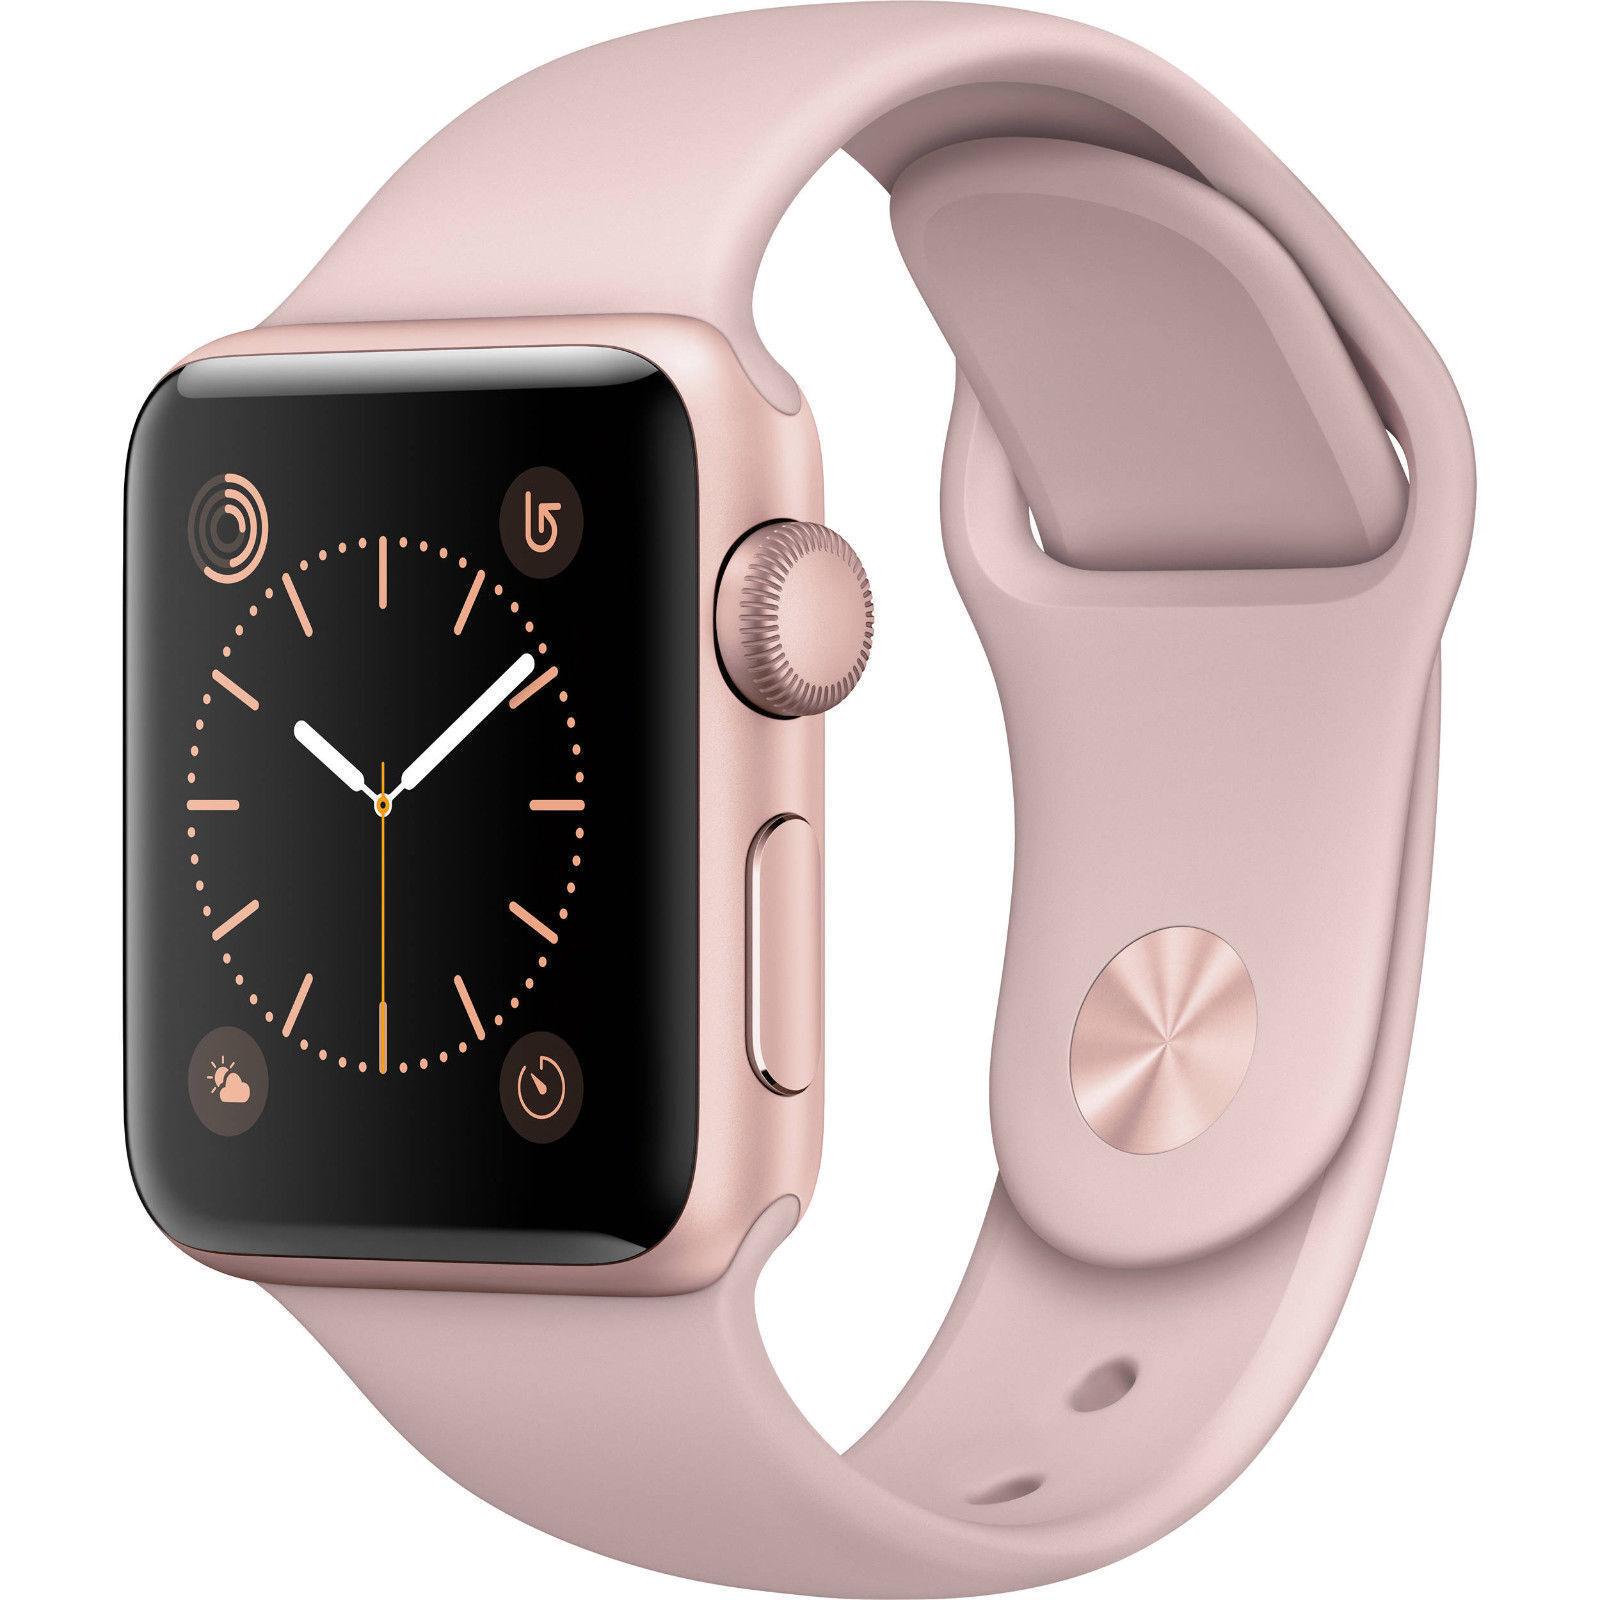 $239.95 - Apple Watch Gen2 Ser1 38mm Rose Gold Aluminum Case Pink Sport Band MNNH2LL/A